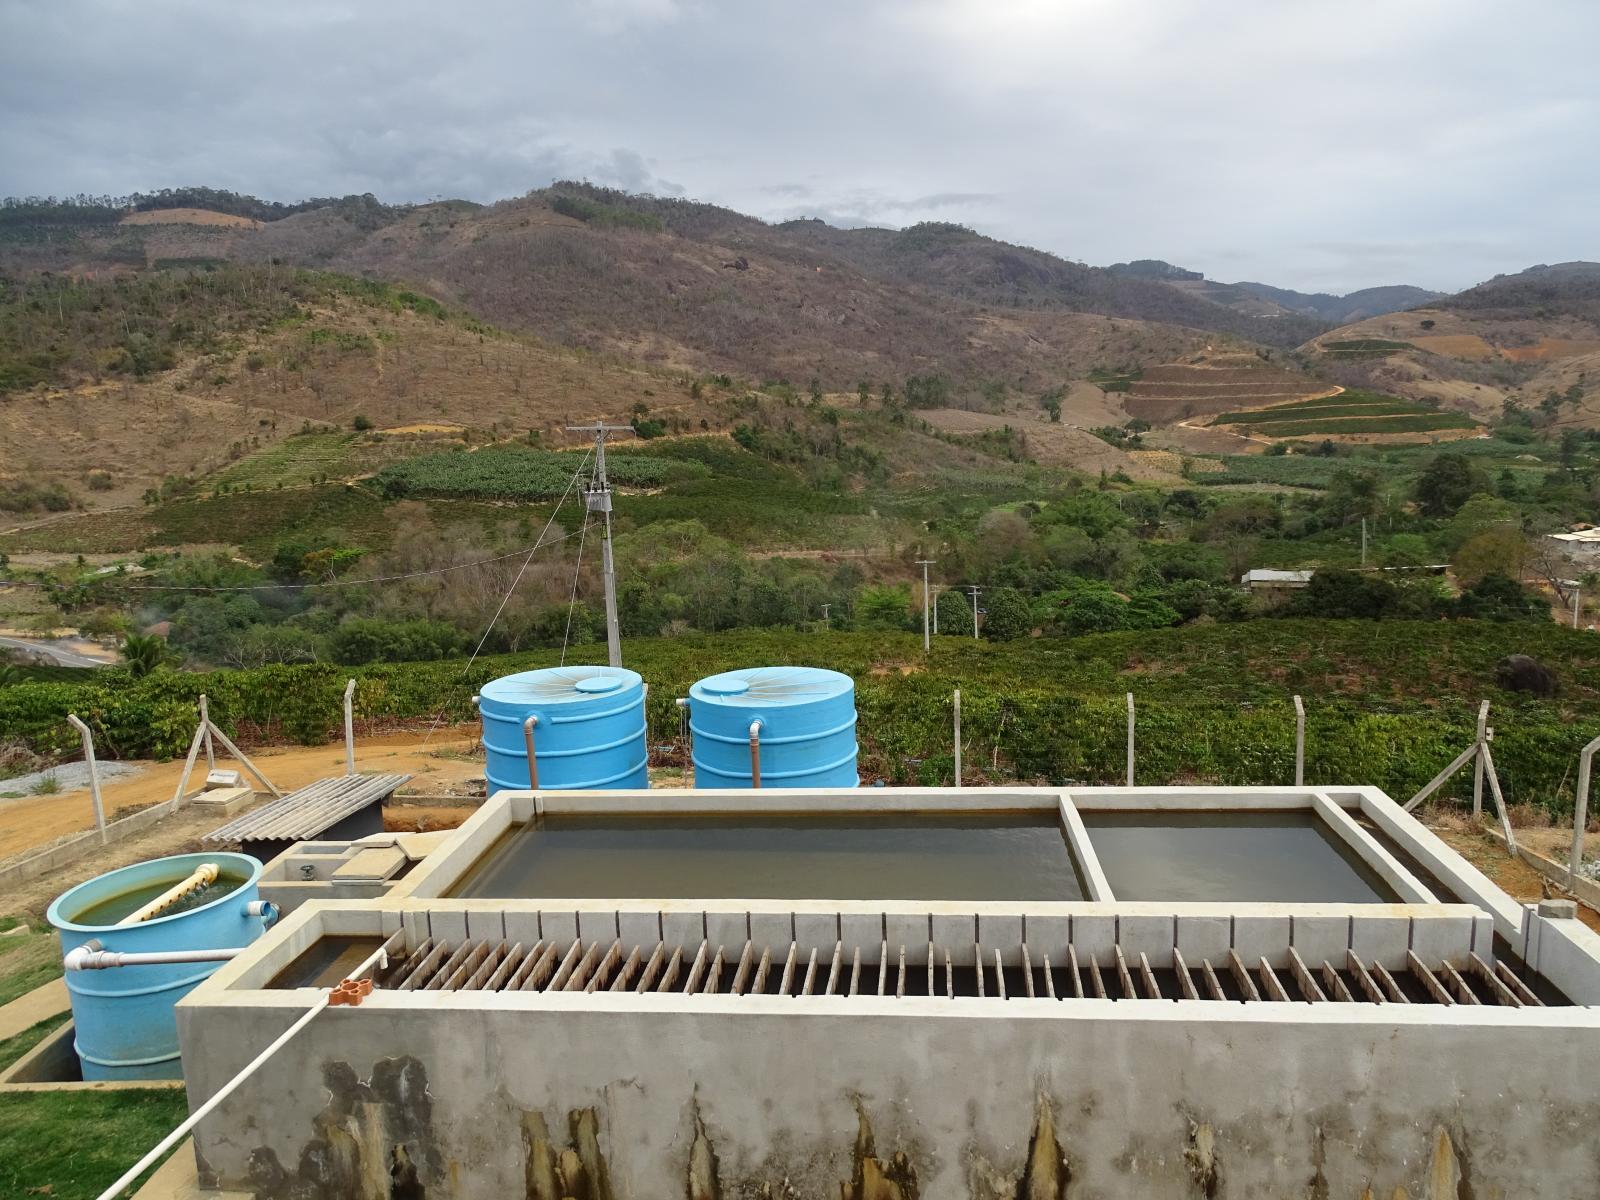 Está inaugurada a obra da Estação de Tratamento de Água no Limoeiro do Caravagio